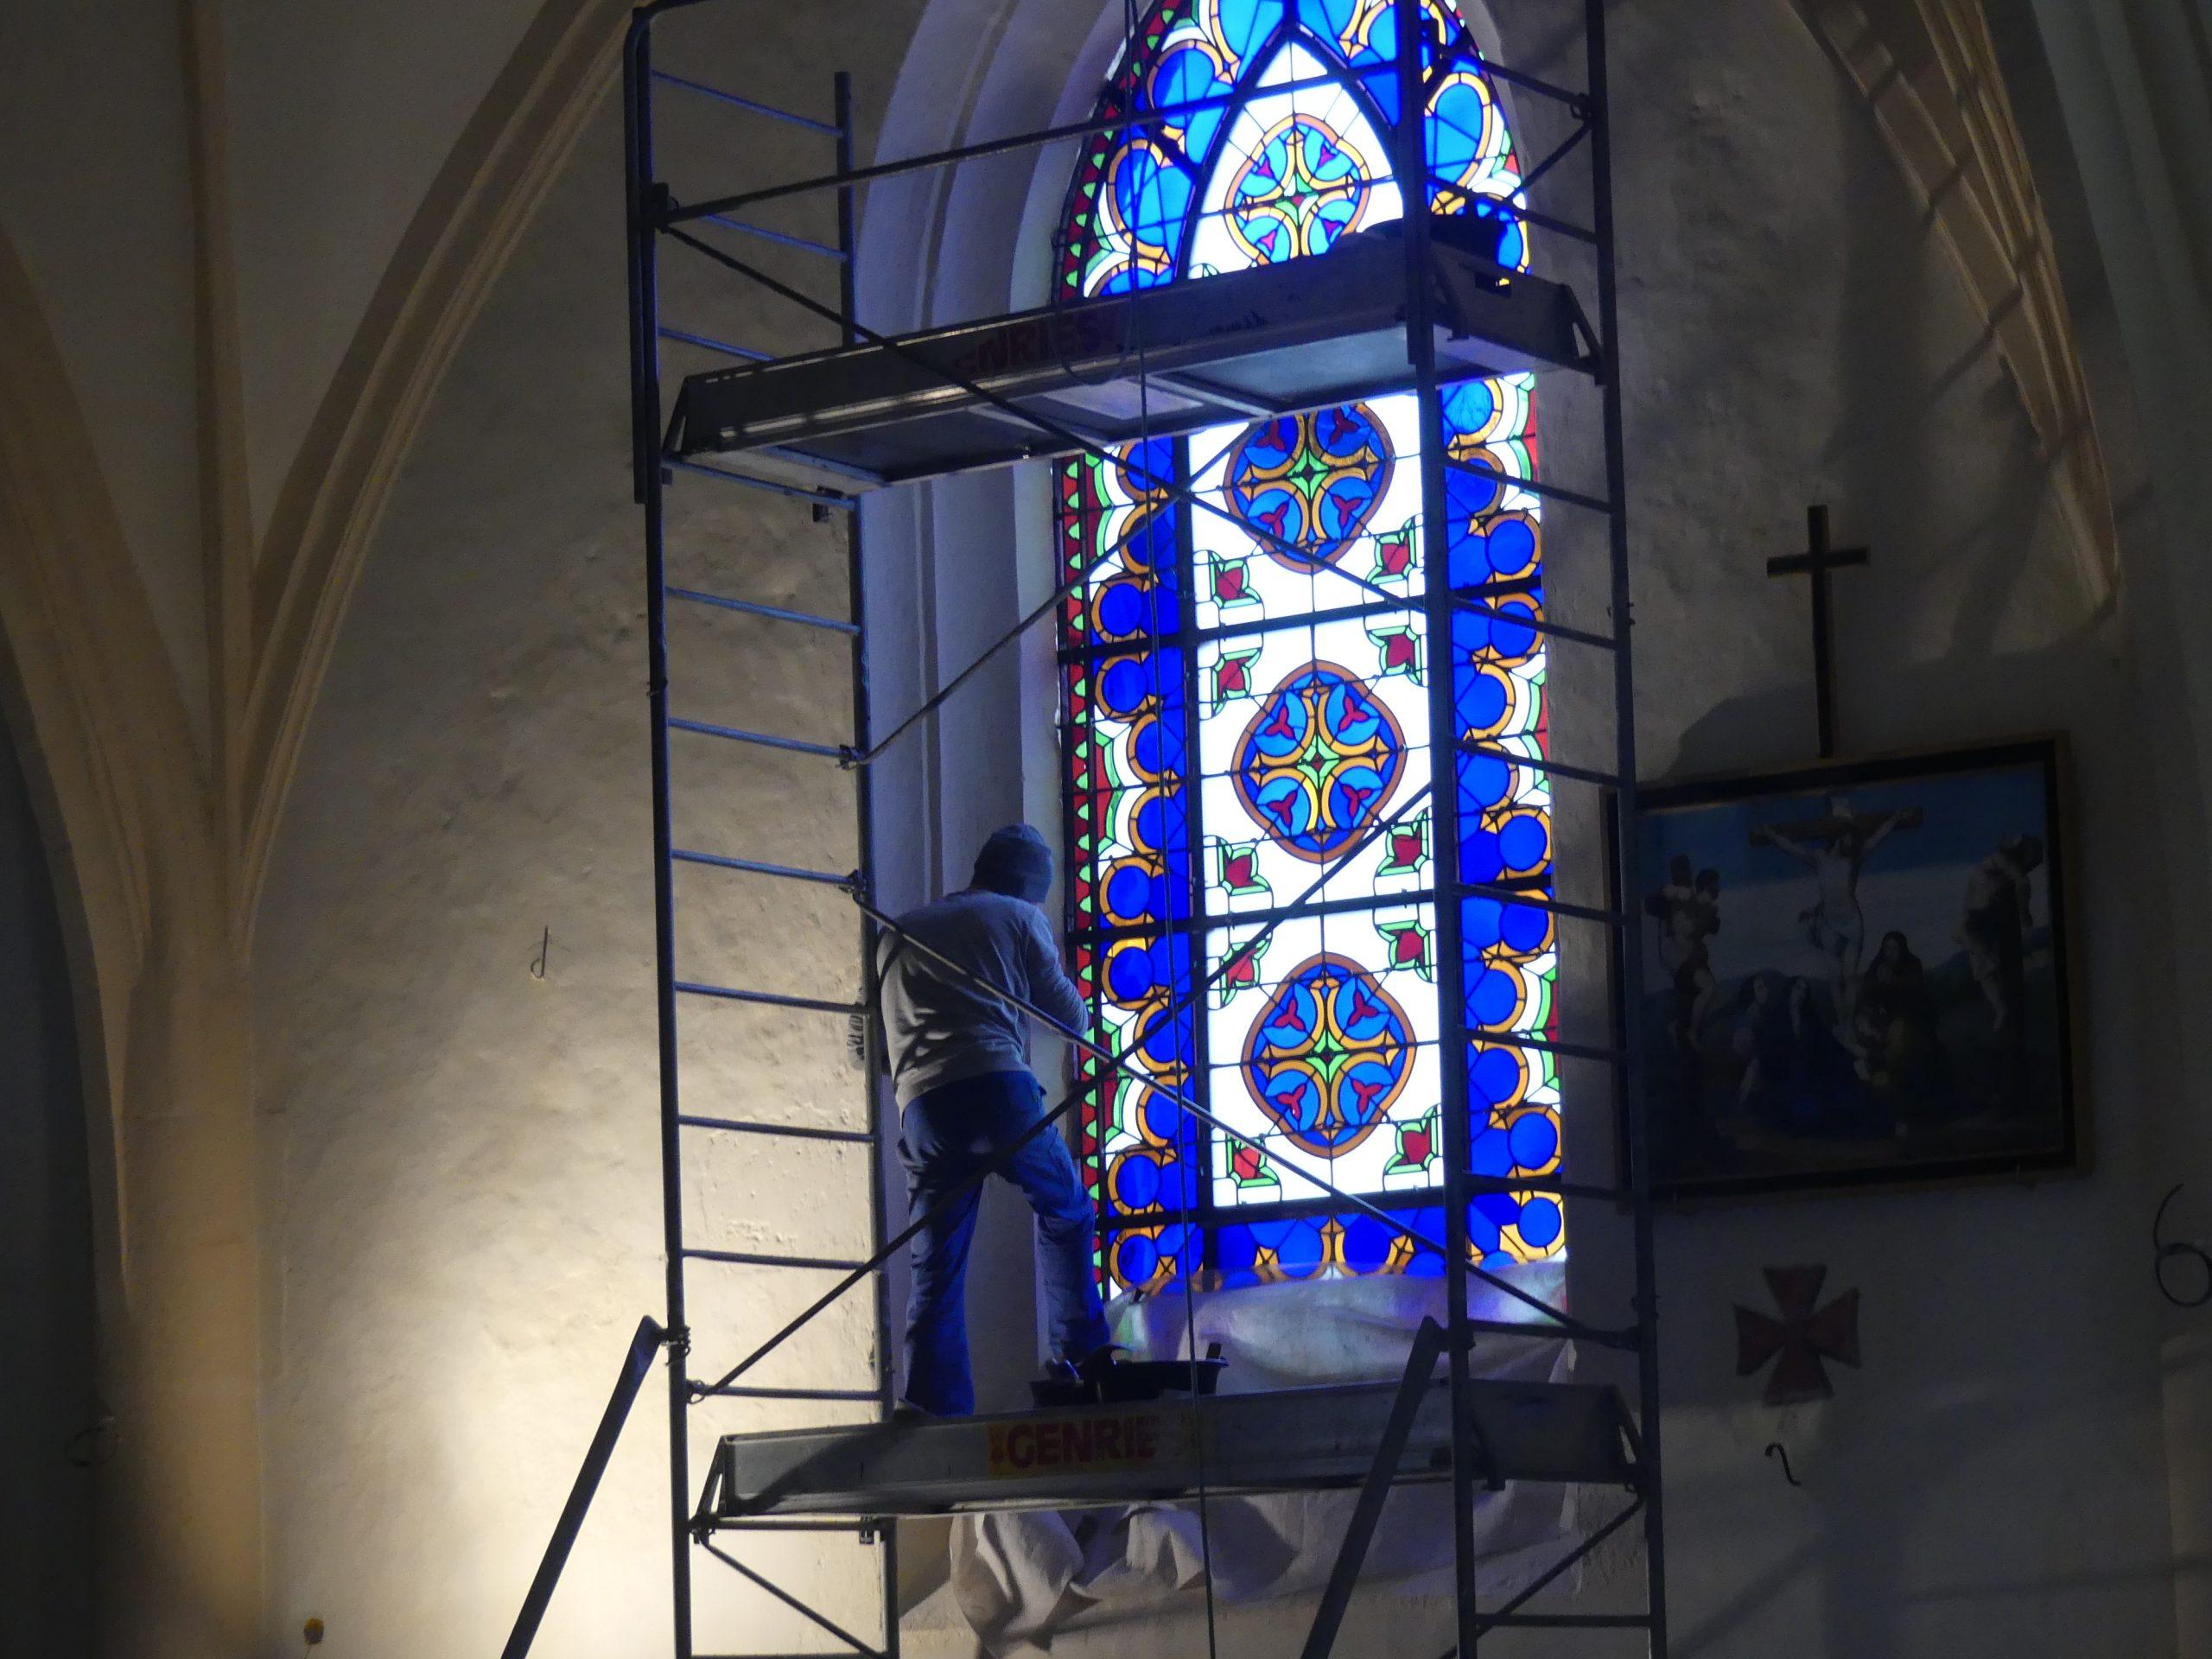 Ars - Eglise - Vitraux - 19 décembre 2019